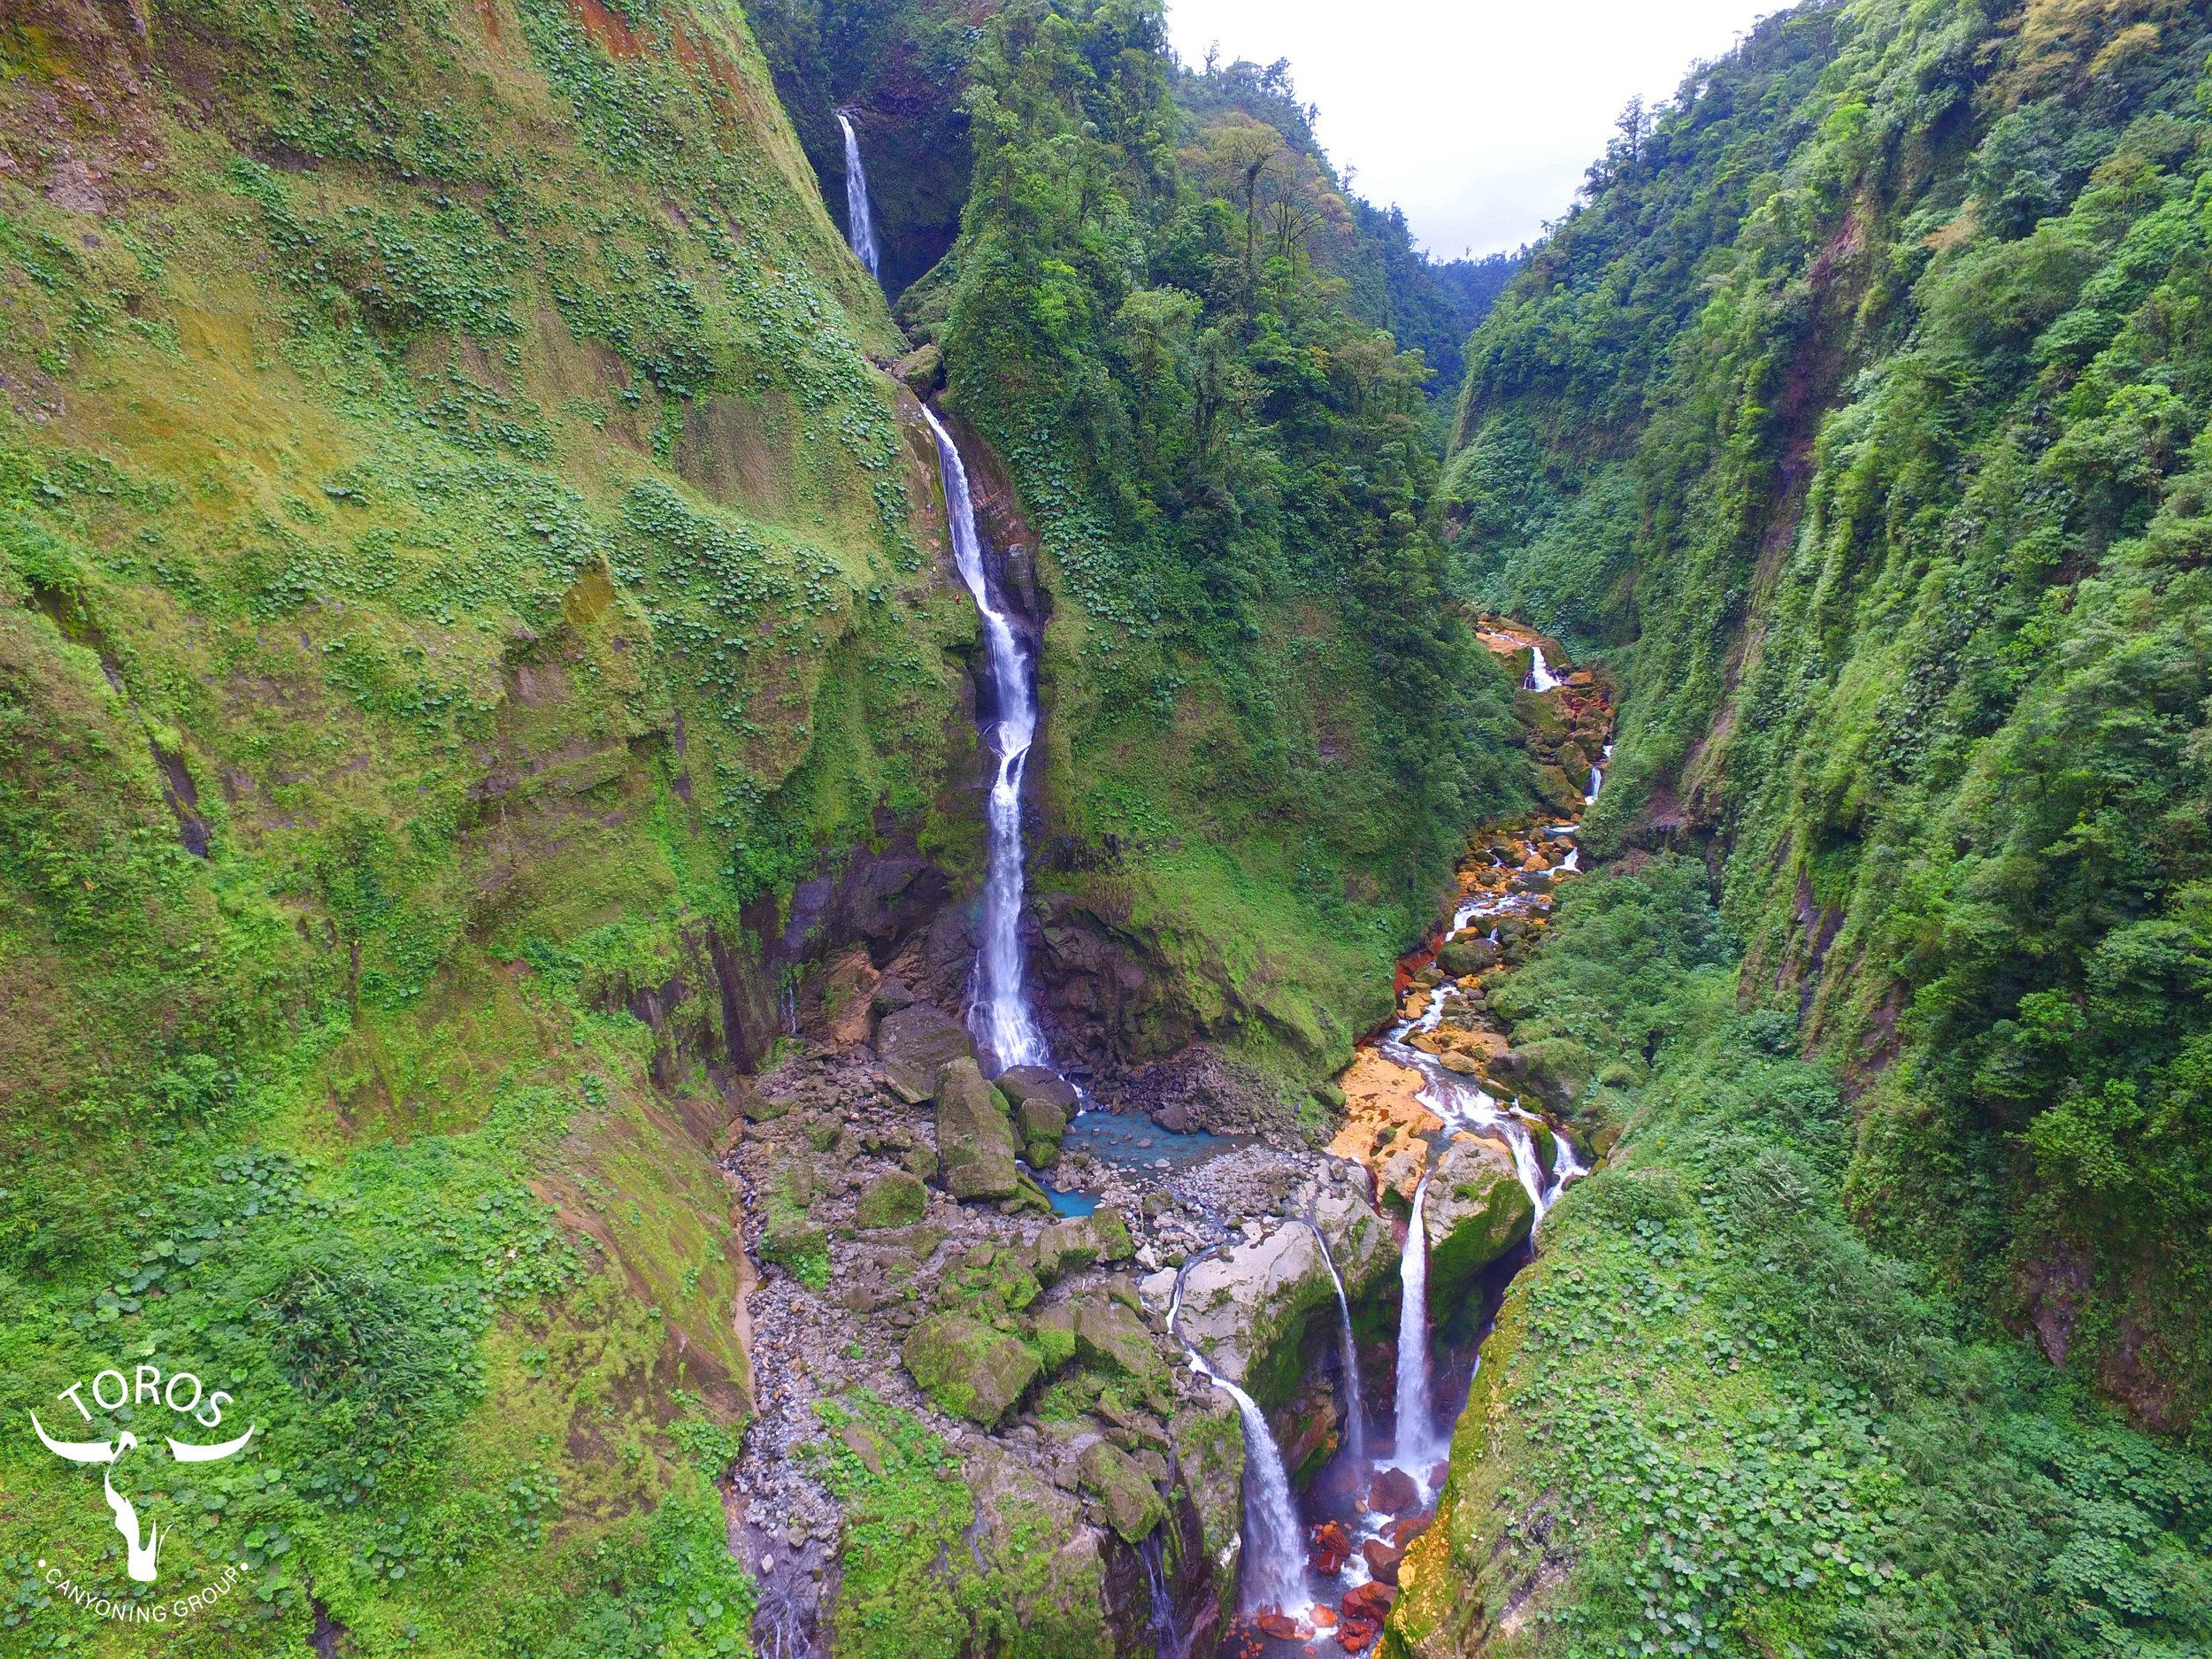 60, 120 y 50 metros, las impresionantes cataratas de Gata Fiera; foto:       Jean Paul Dinarte